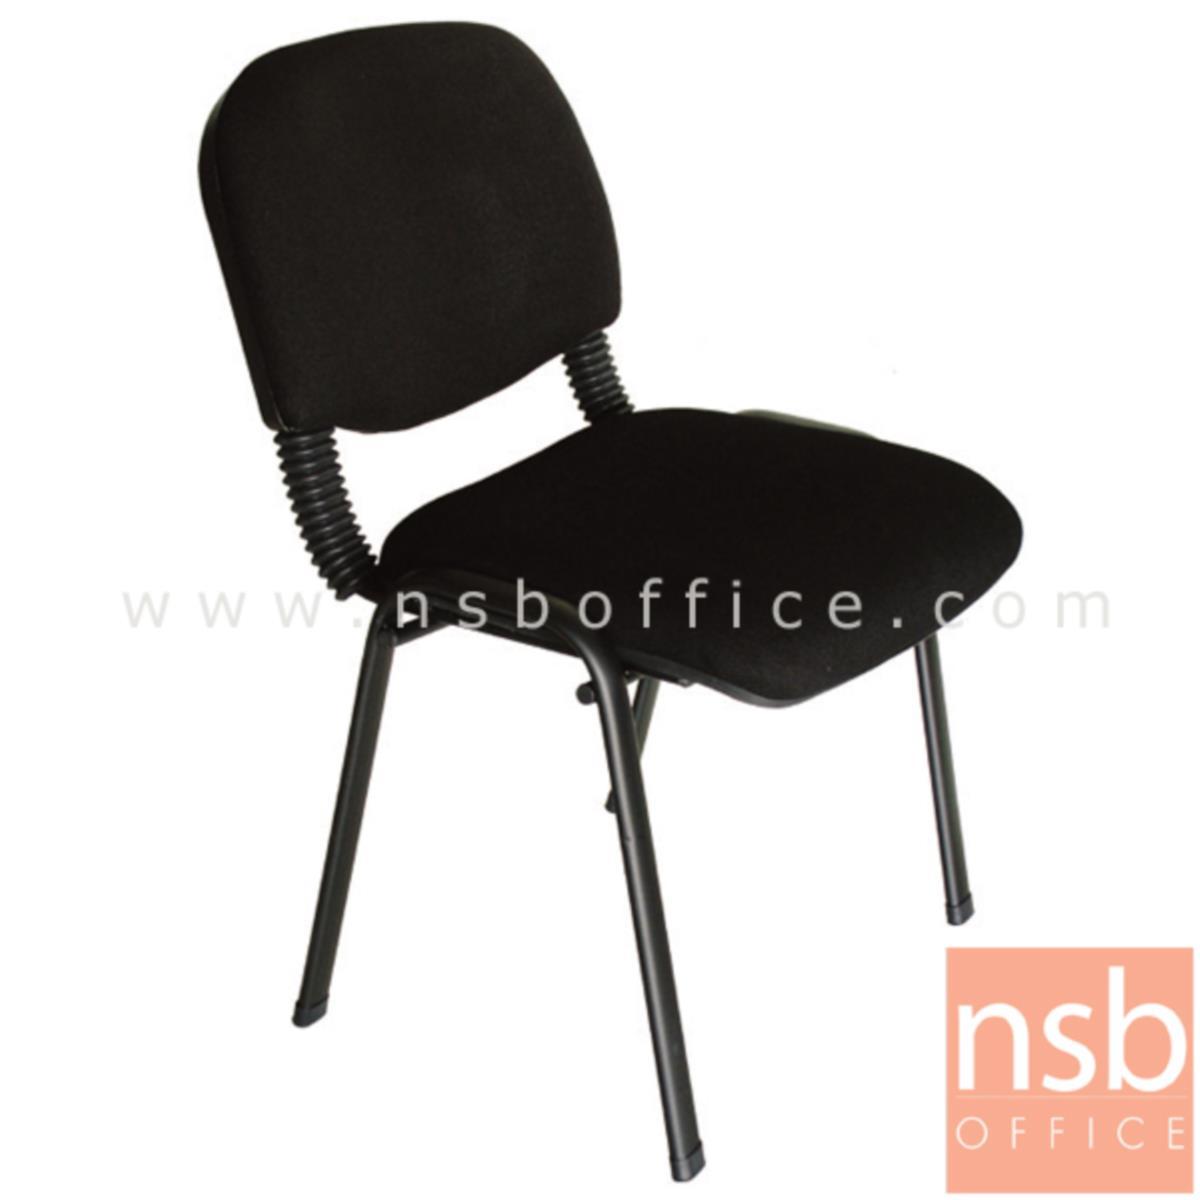 B05A045:เก้าอี้อเนกประสงค์ รุ่น Gamaliel (การ์มาเลียล)  ขาเหล็กพ่นดำ